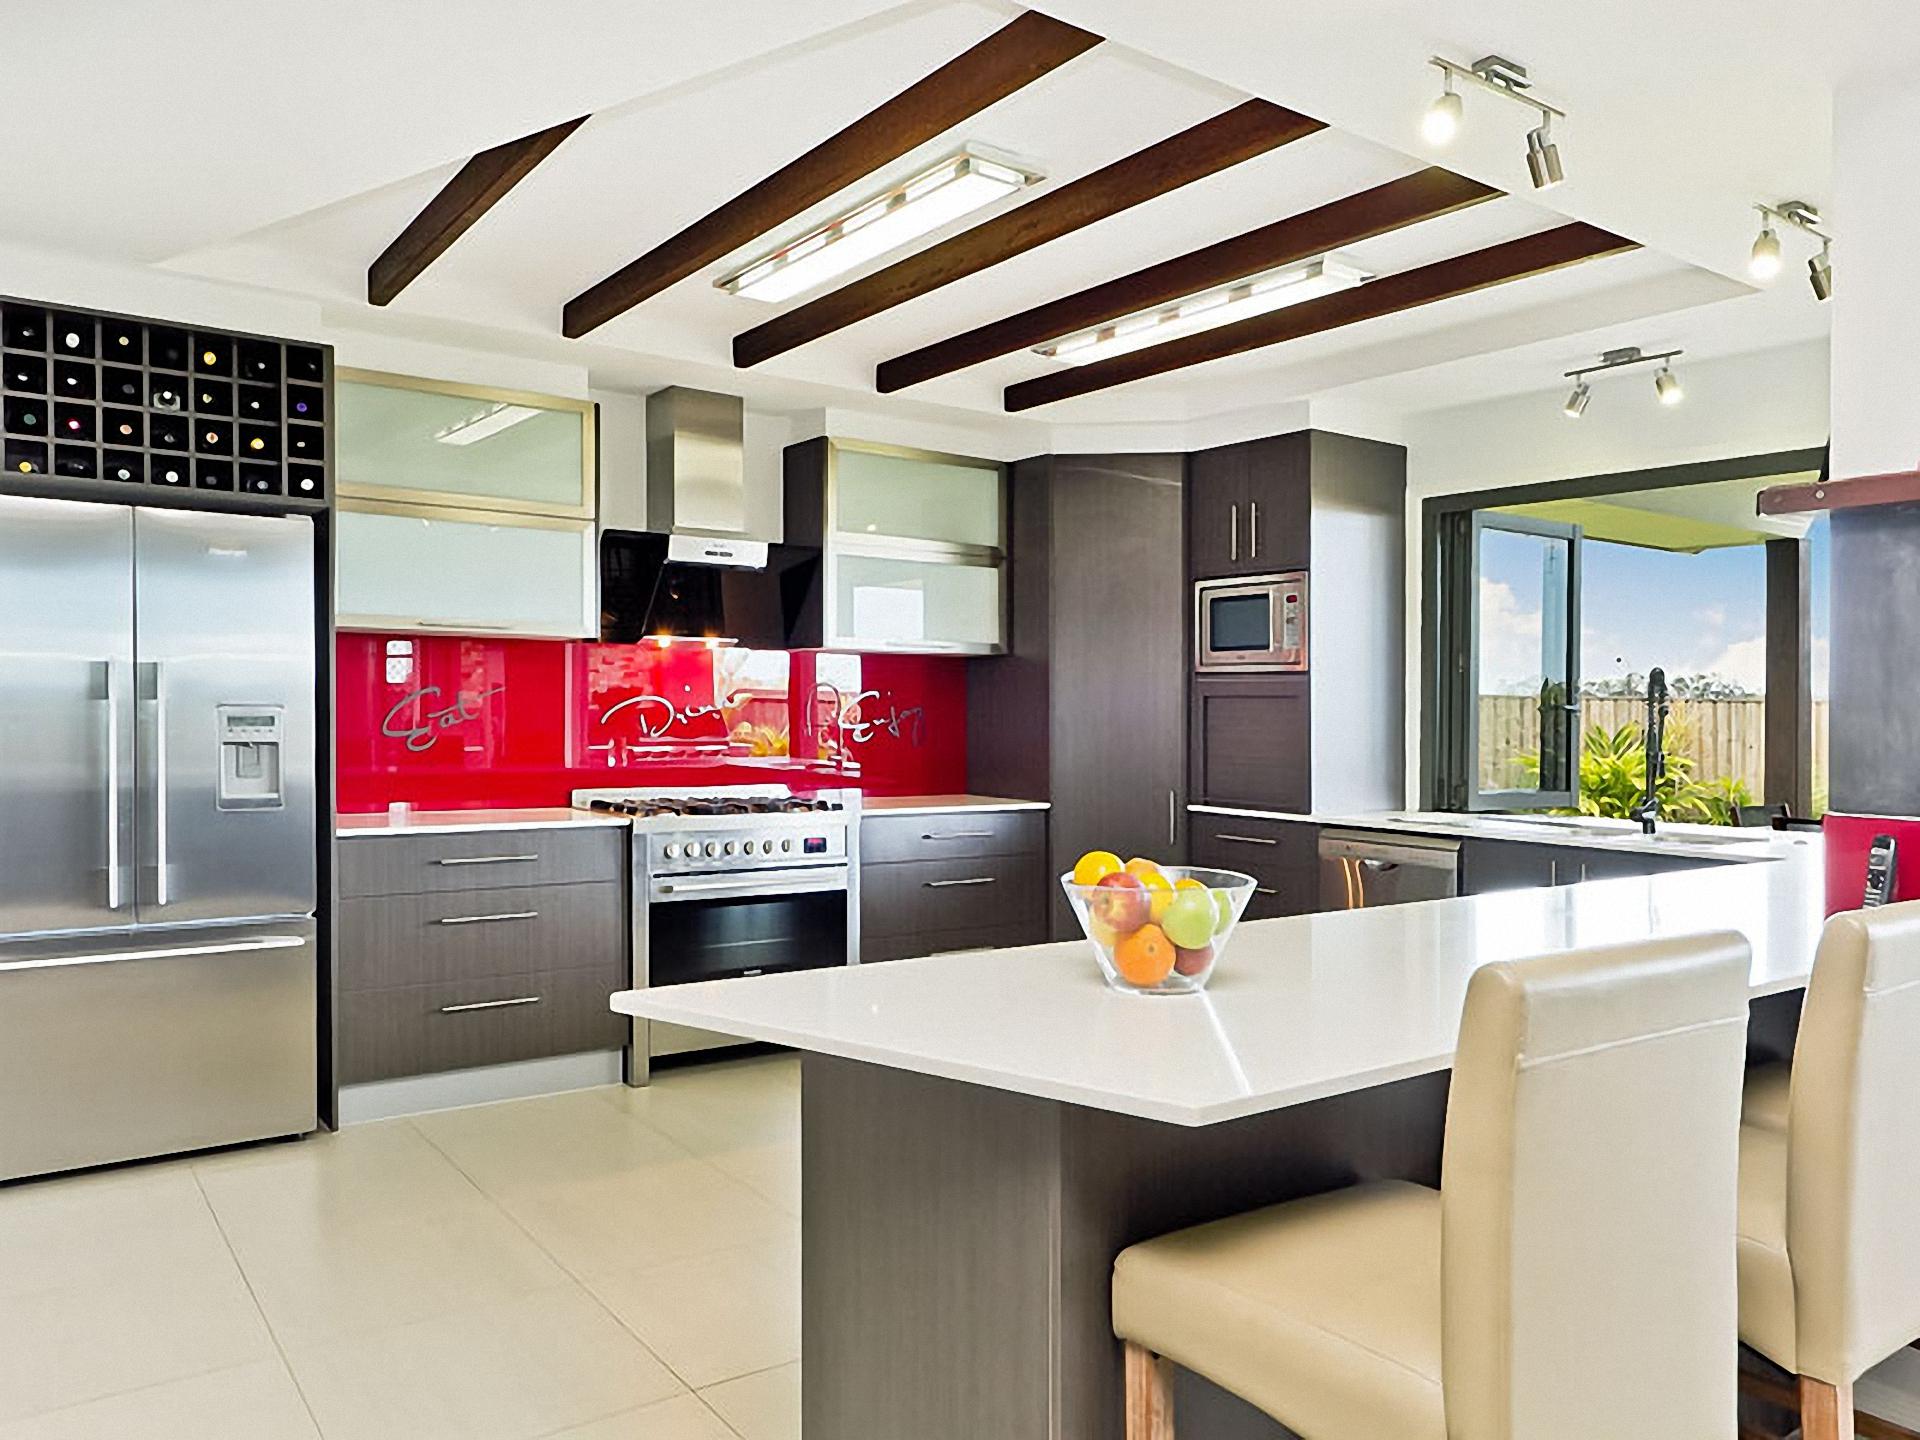 North Lakes Kitchen by Casuarina Homes